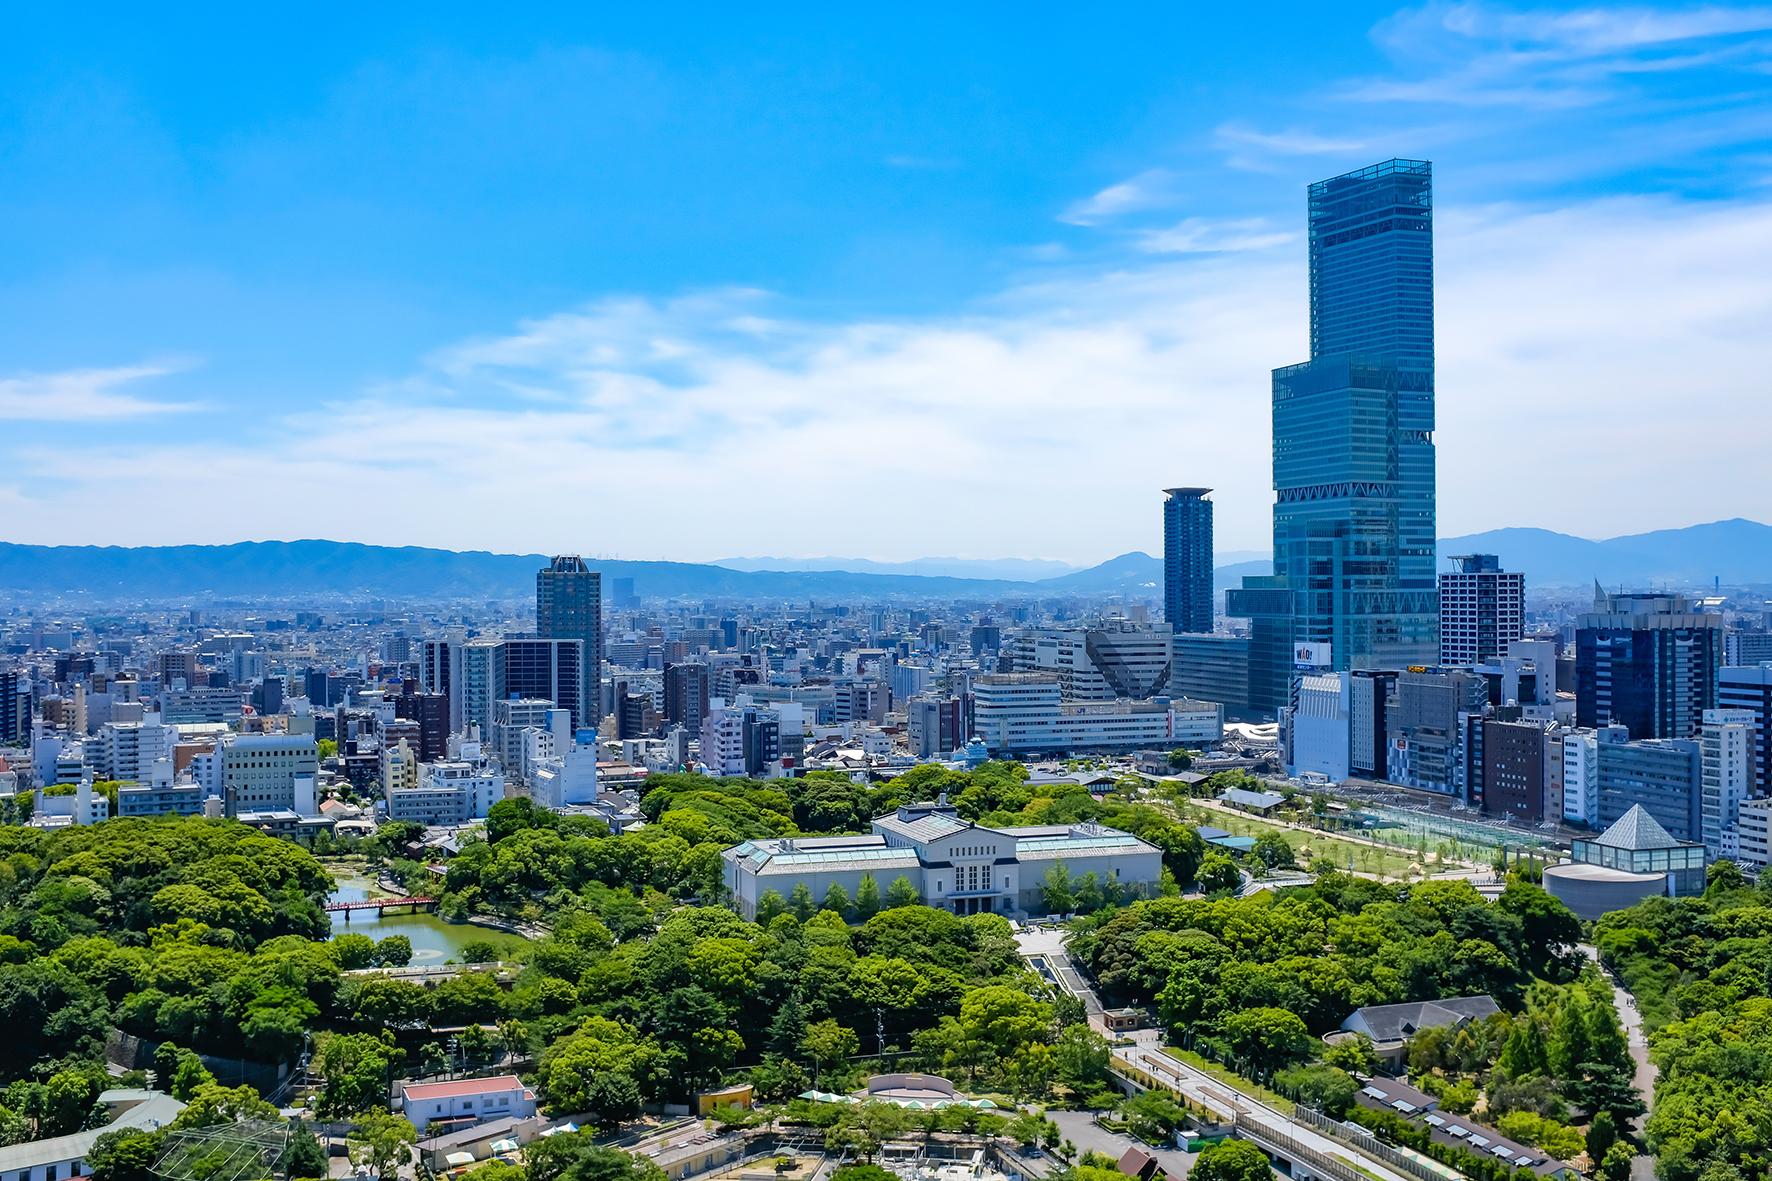 Städte vor dem Klima-Kollaps